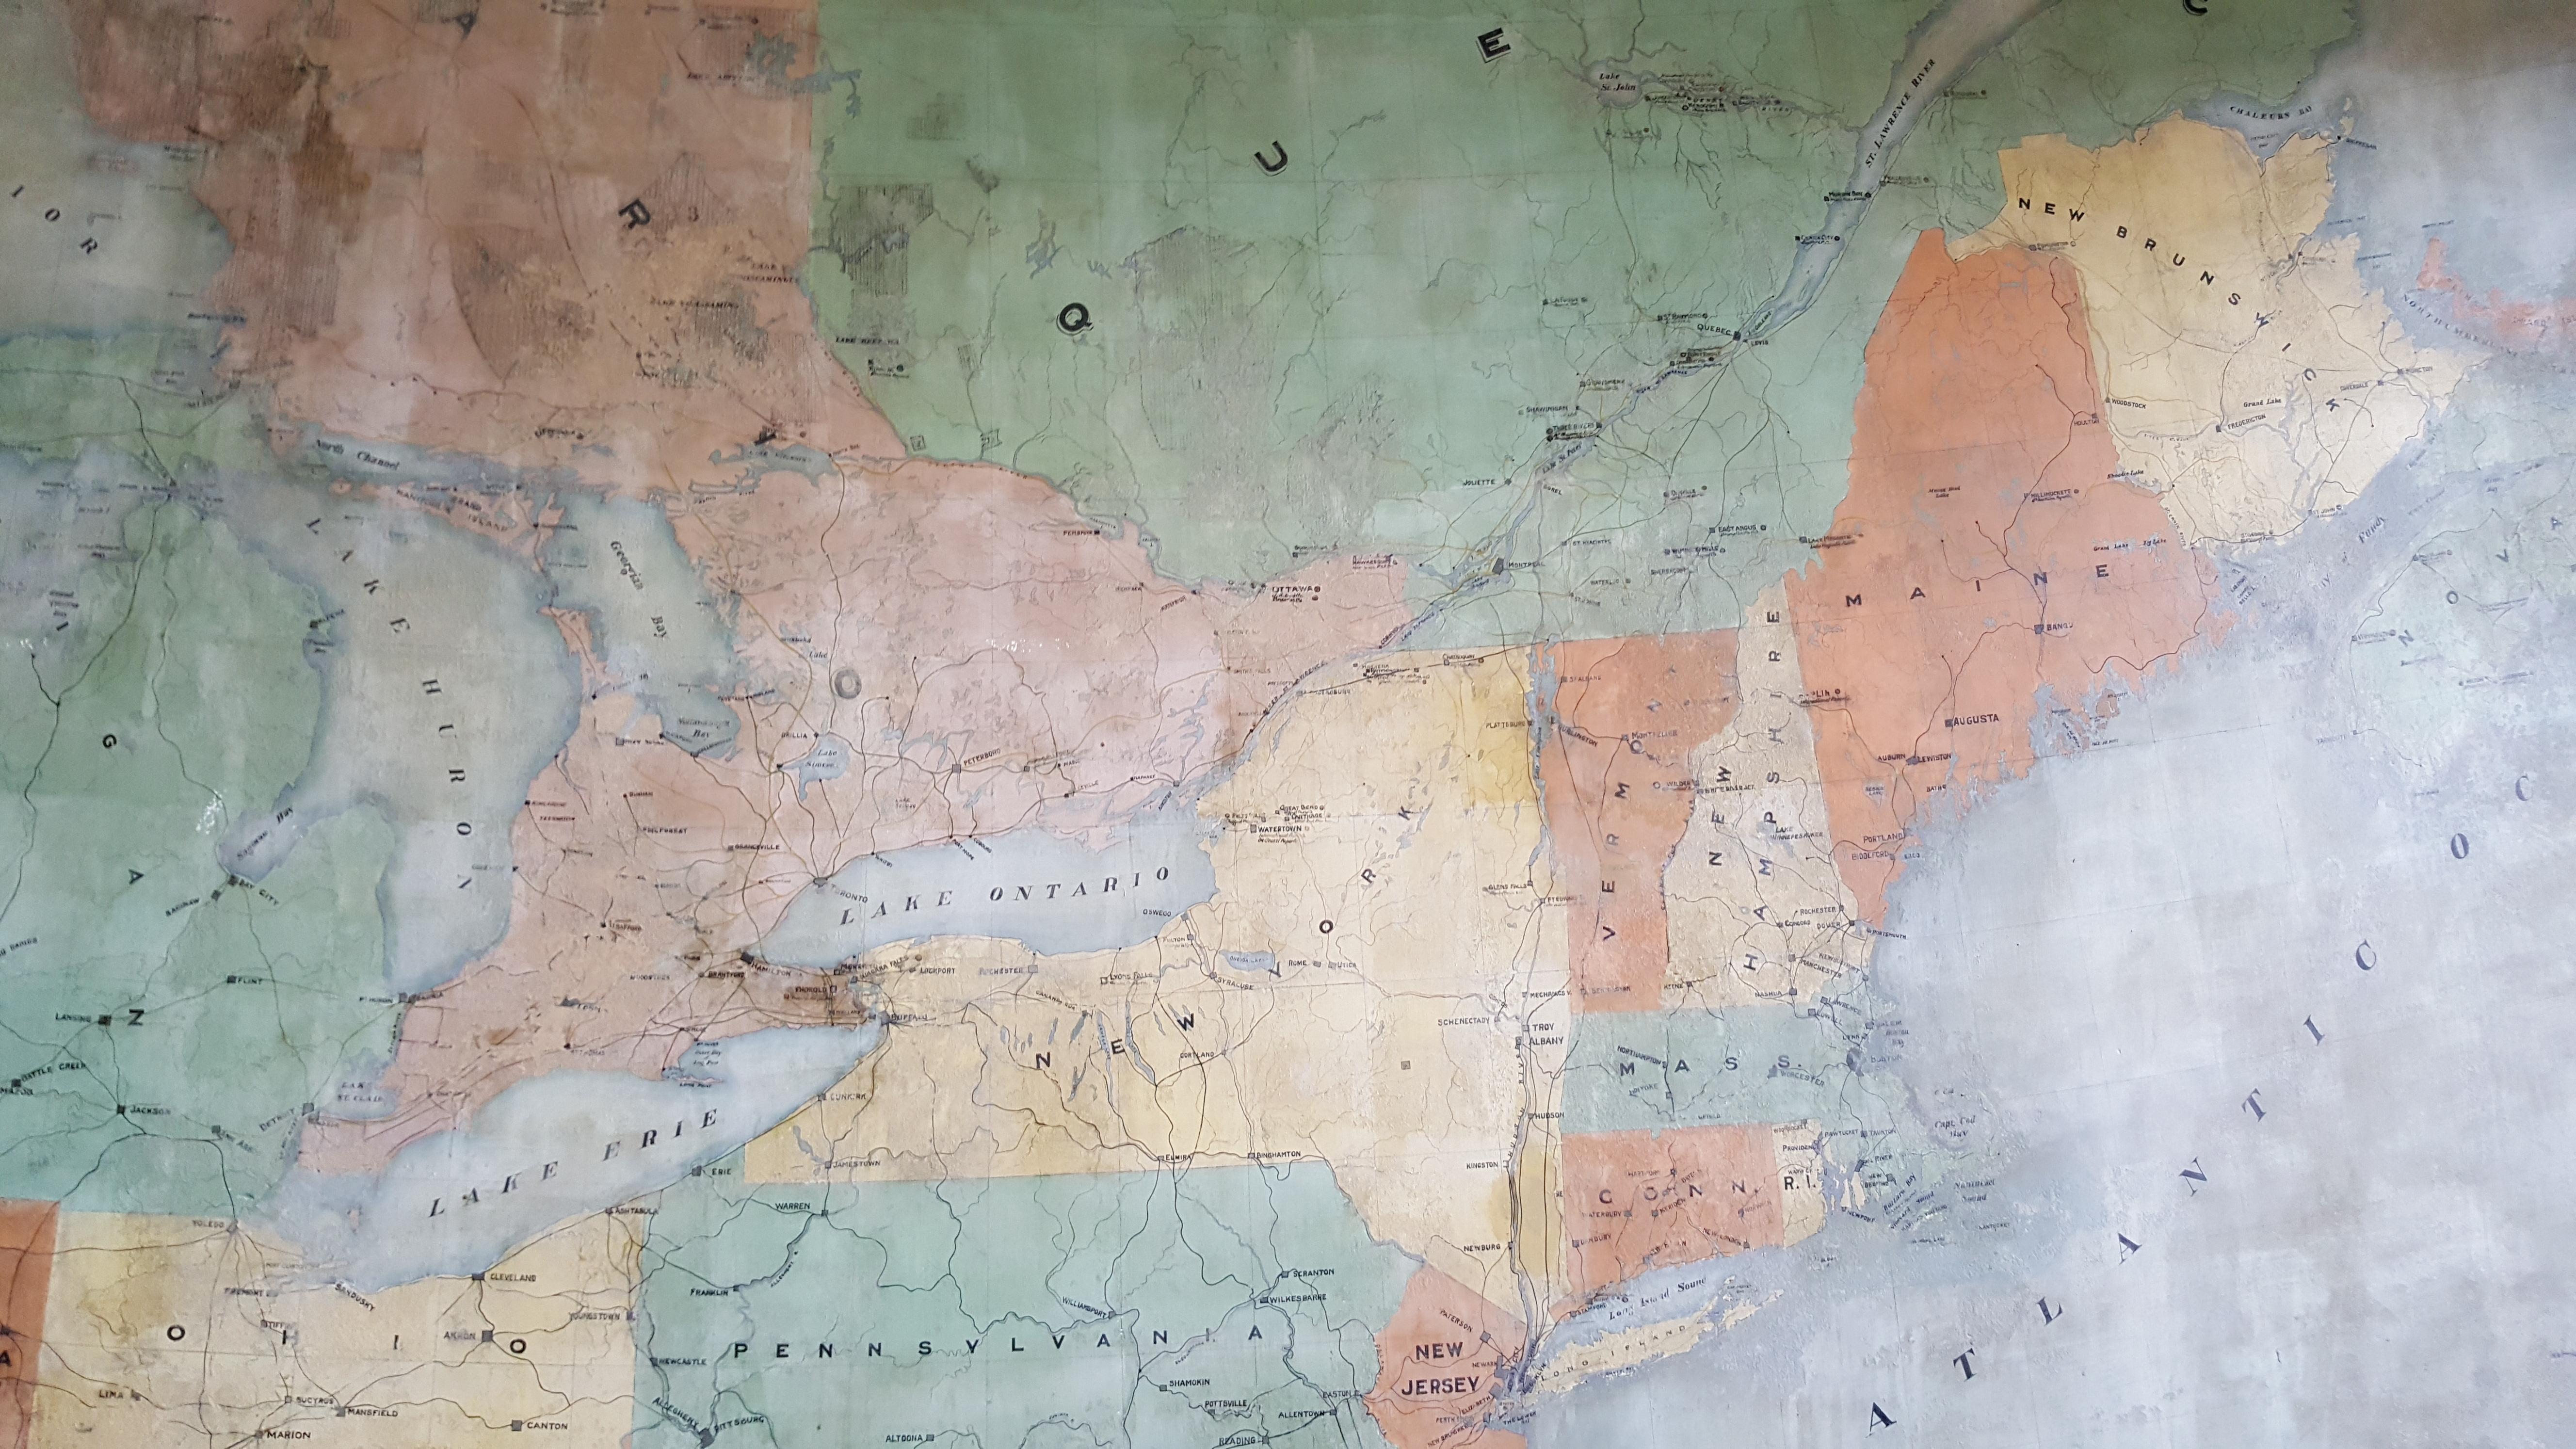 Carte géographique peinte en 1901 illustrant les Grands Lacs, l'Ontario, le Québec, l'océan Atlantique et le Nord-Est américain.